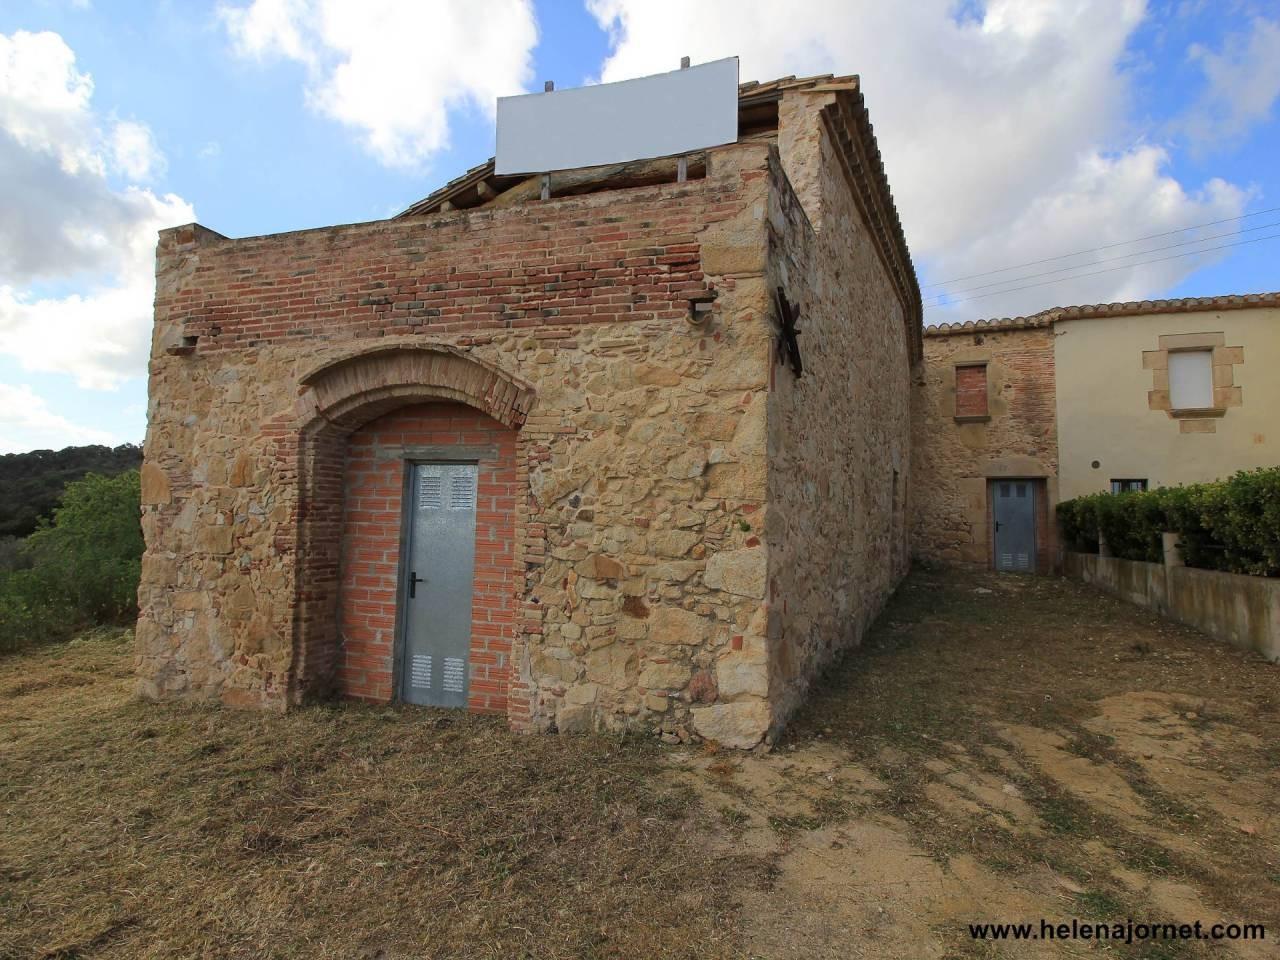 Masia to refurbish with wonderful views - 1484